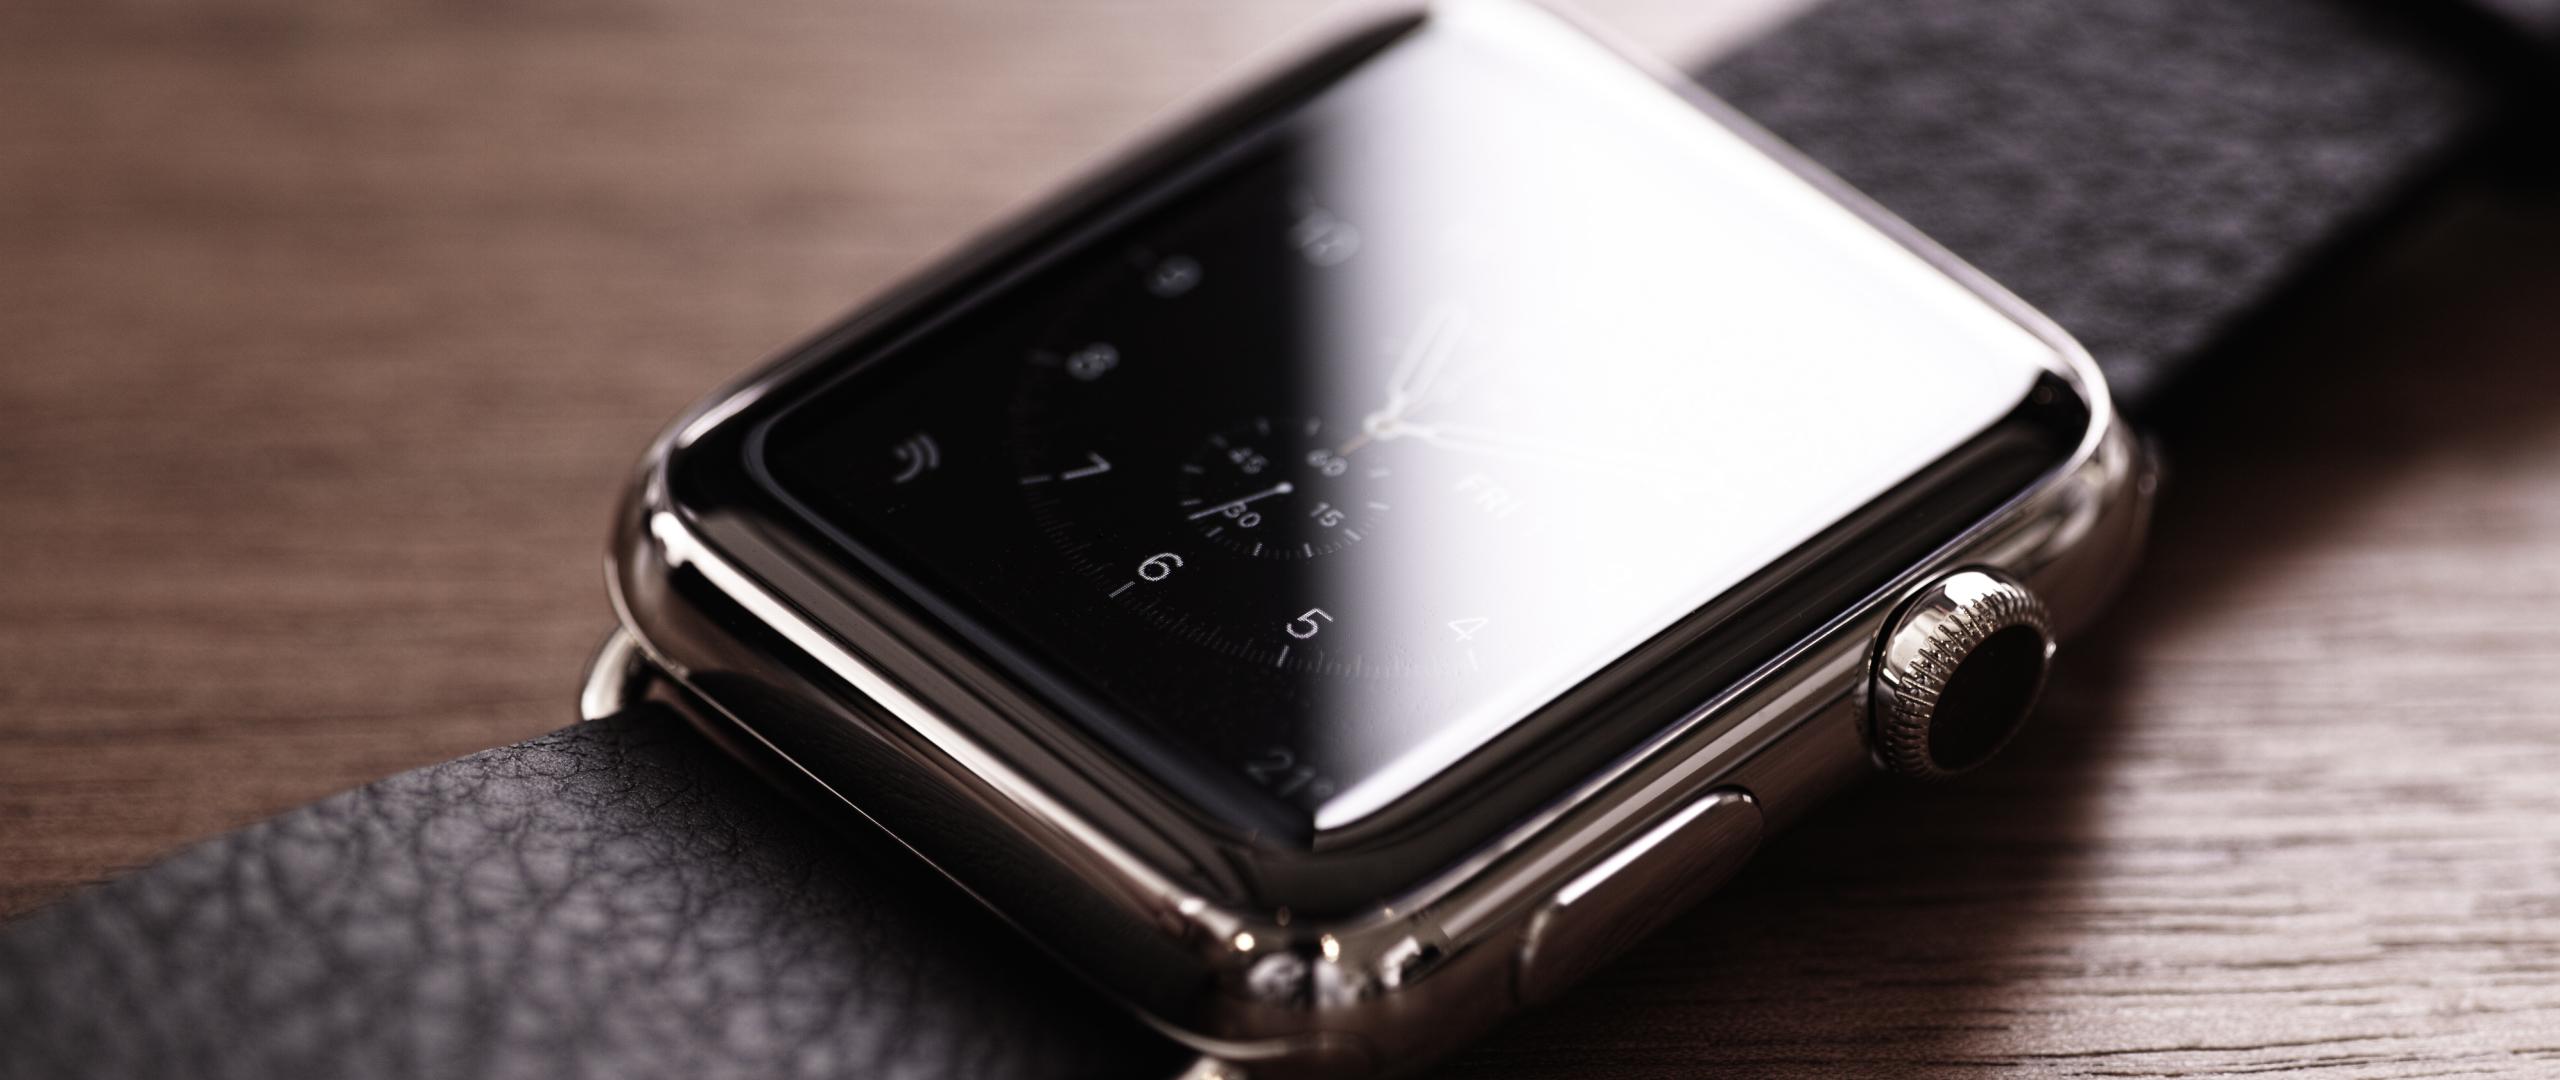 4k Apple Watch Backgrounds - HD Wallpaper